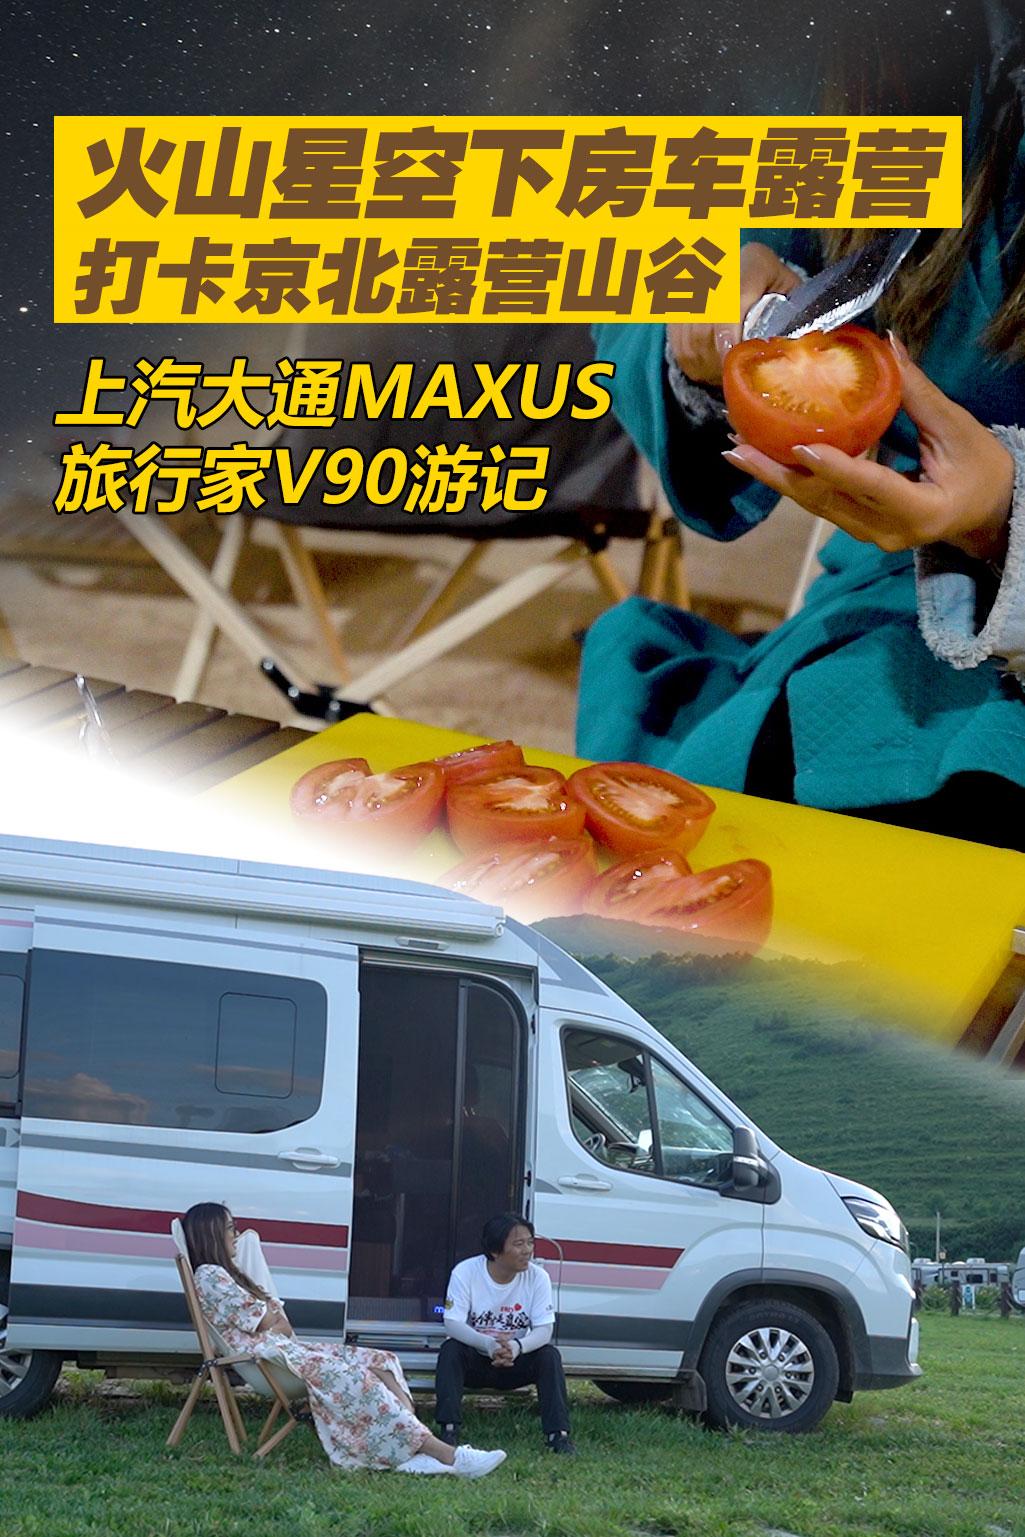 火山星空下房车露营,与上汽大通旅行家V90打卡京北网红露营地